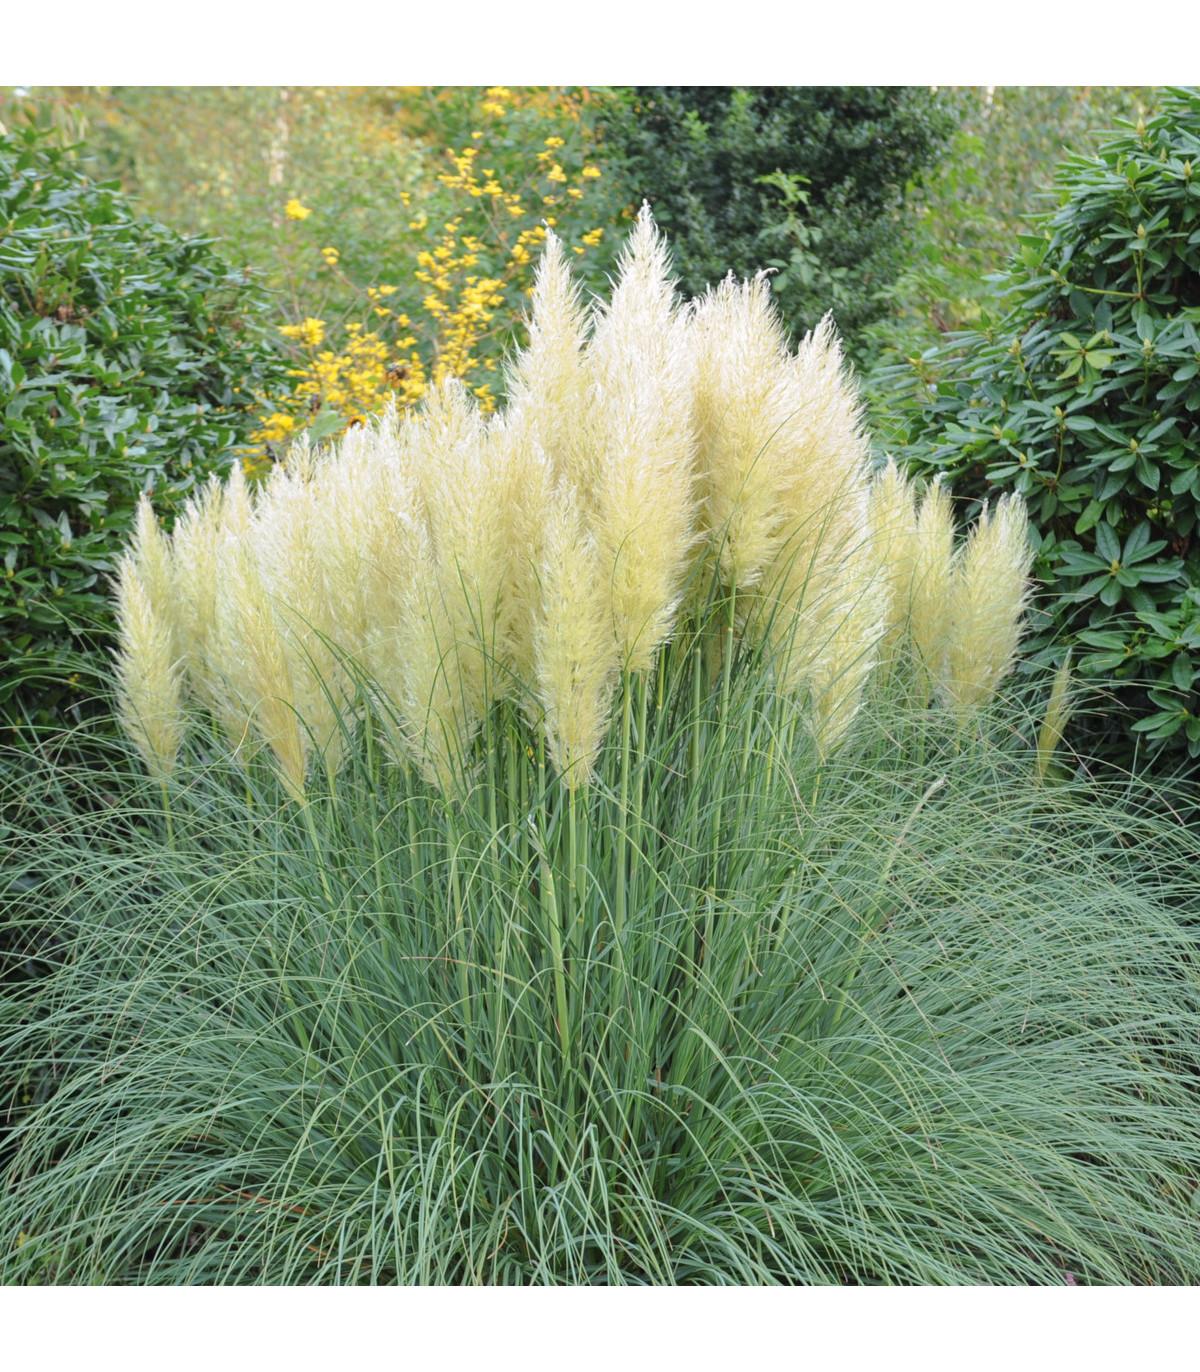 Pampas stříbrný - semena Pampasu - 10 ks - Cortaderia selloana